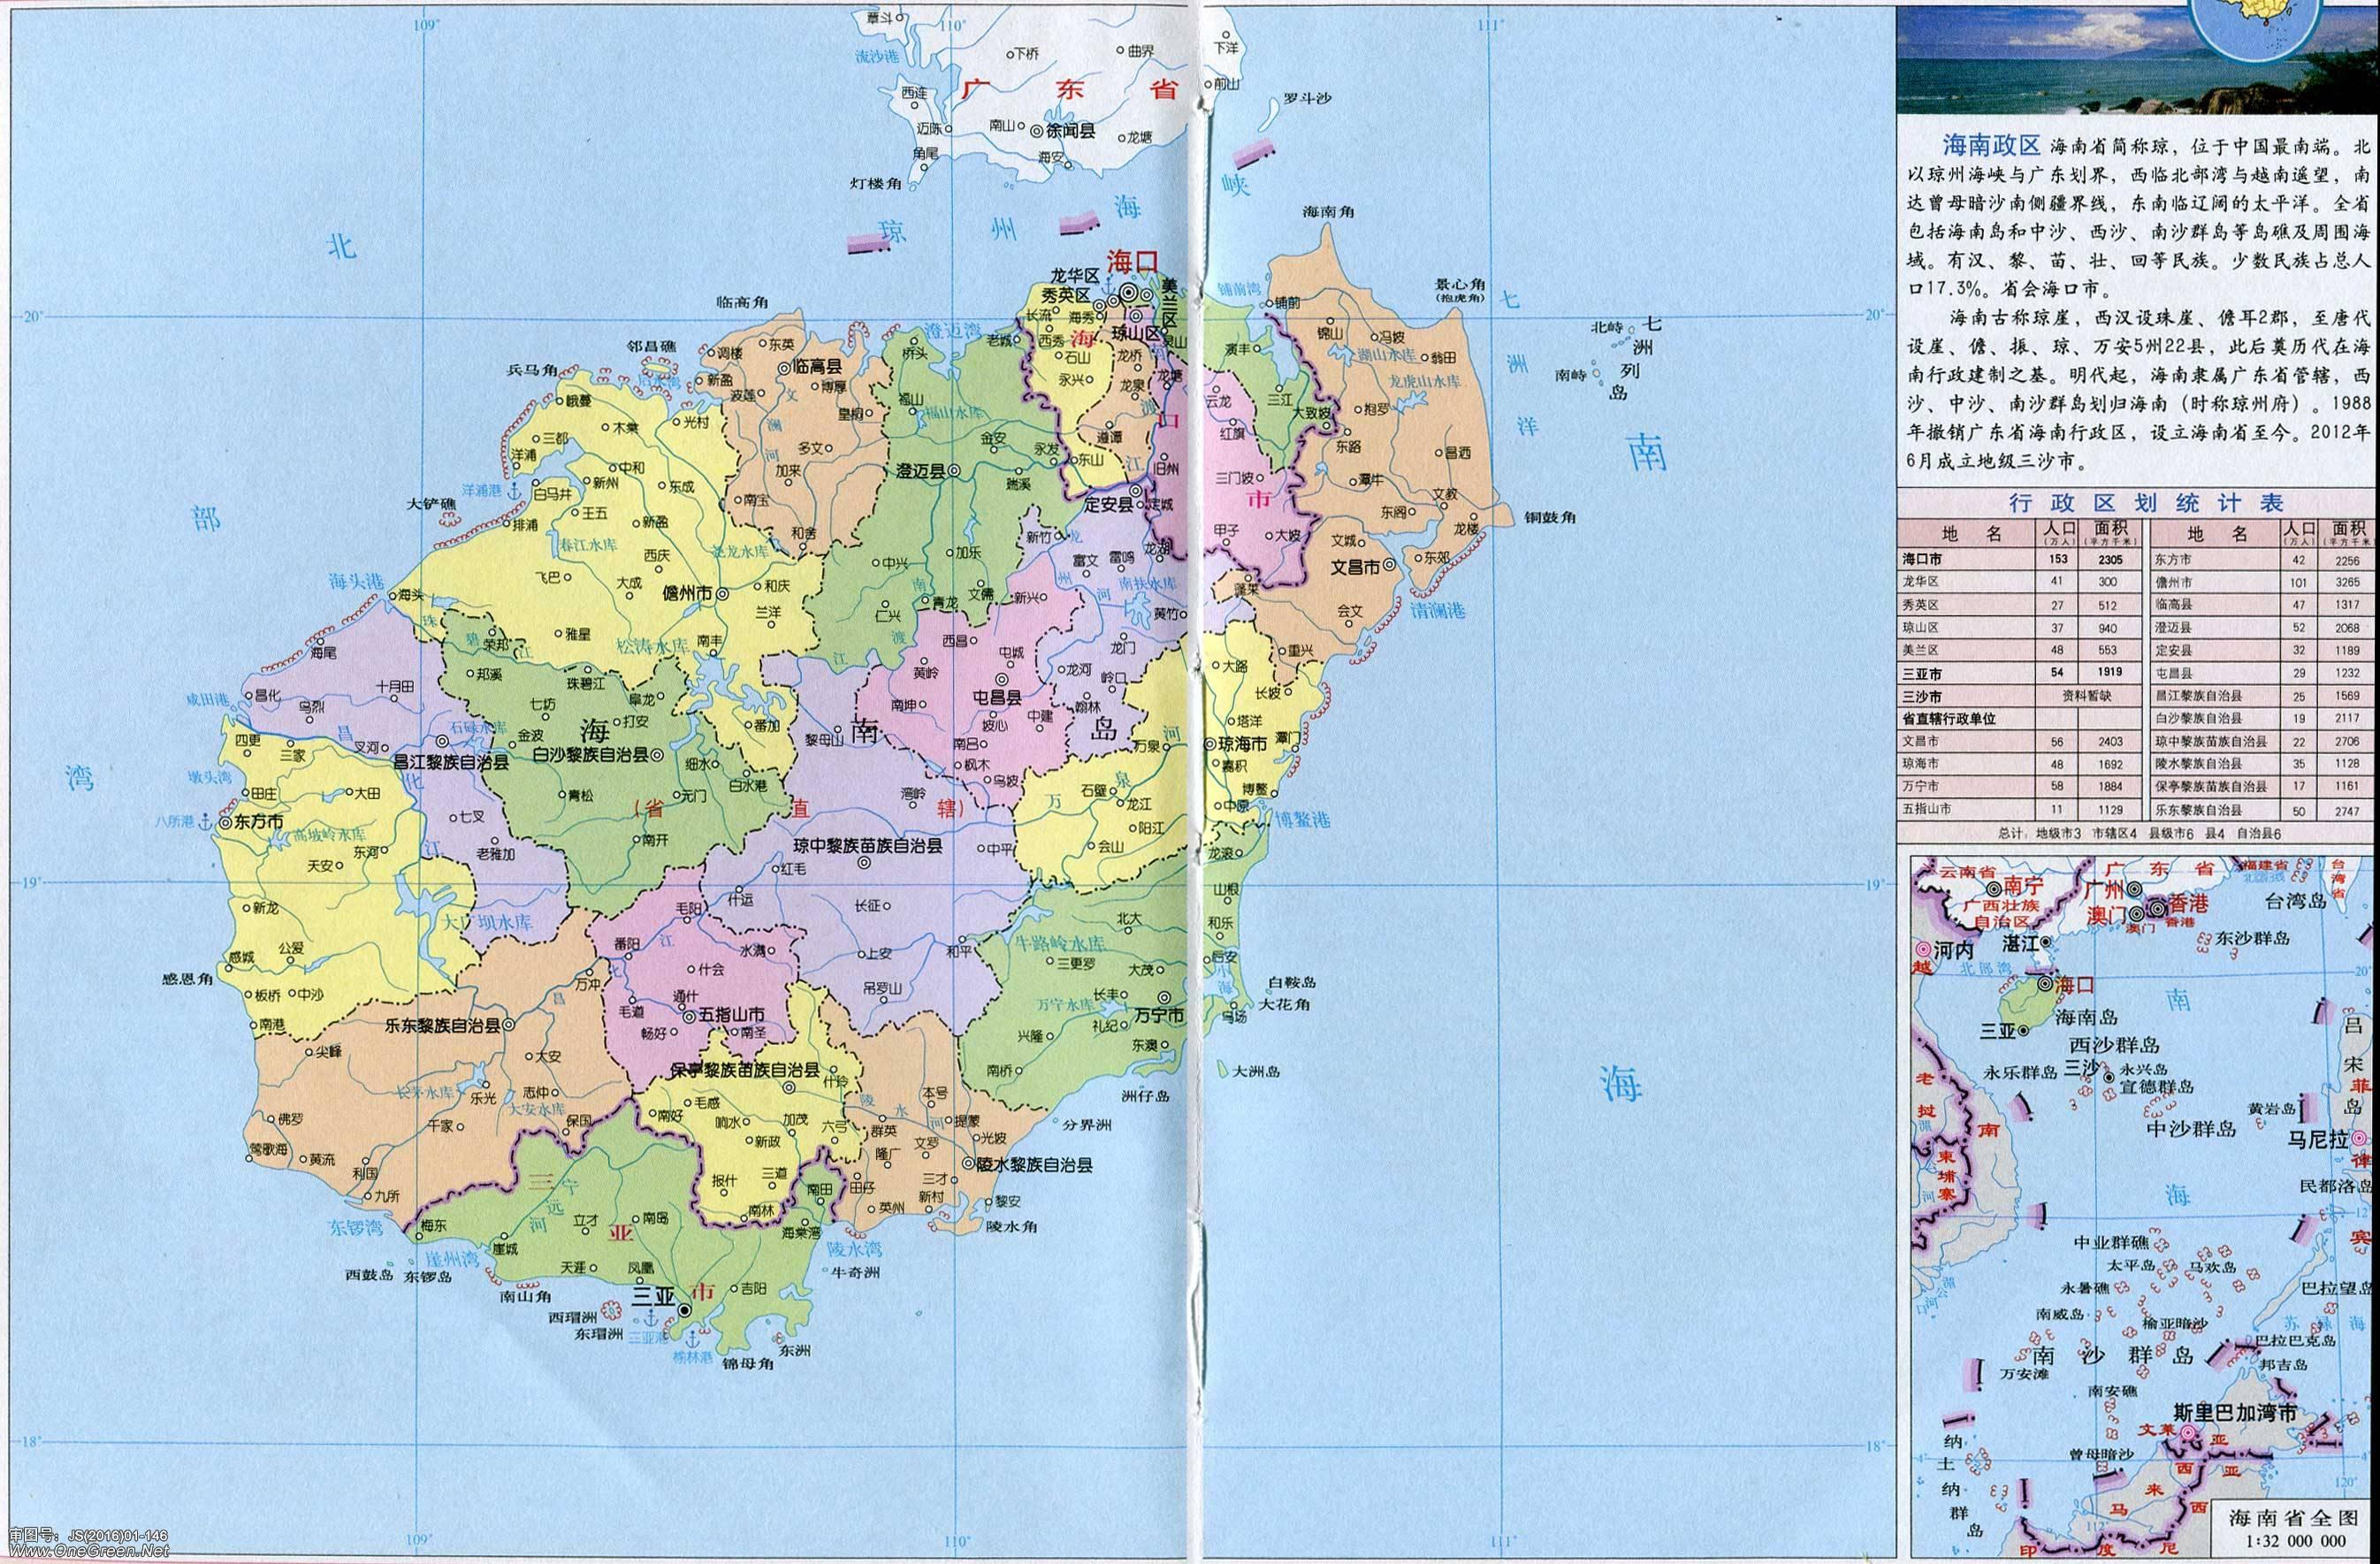 海南地图全图高清版